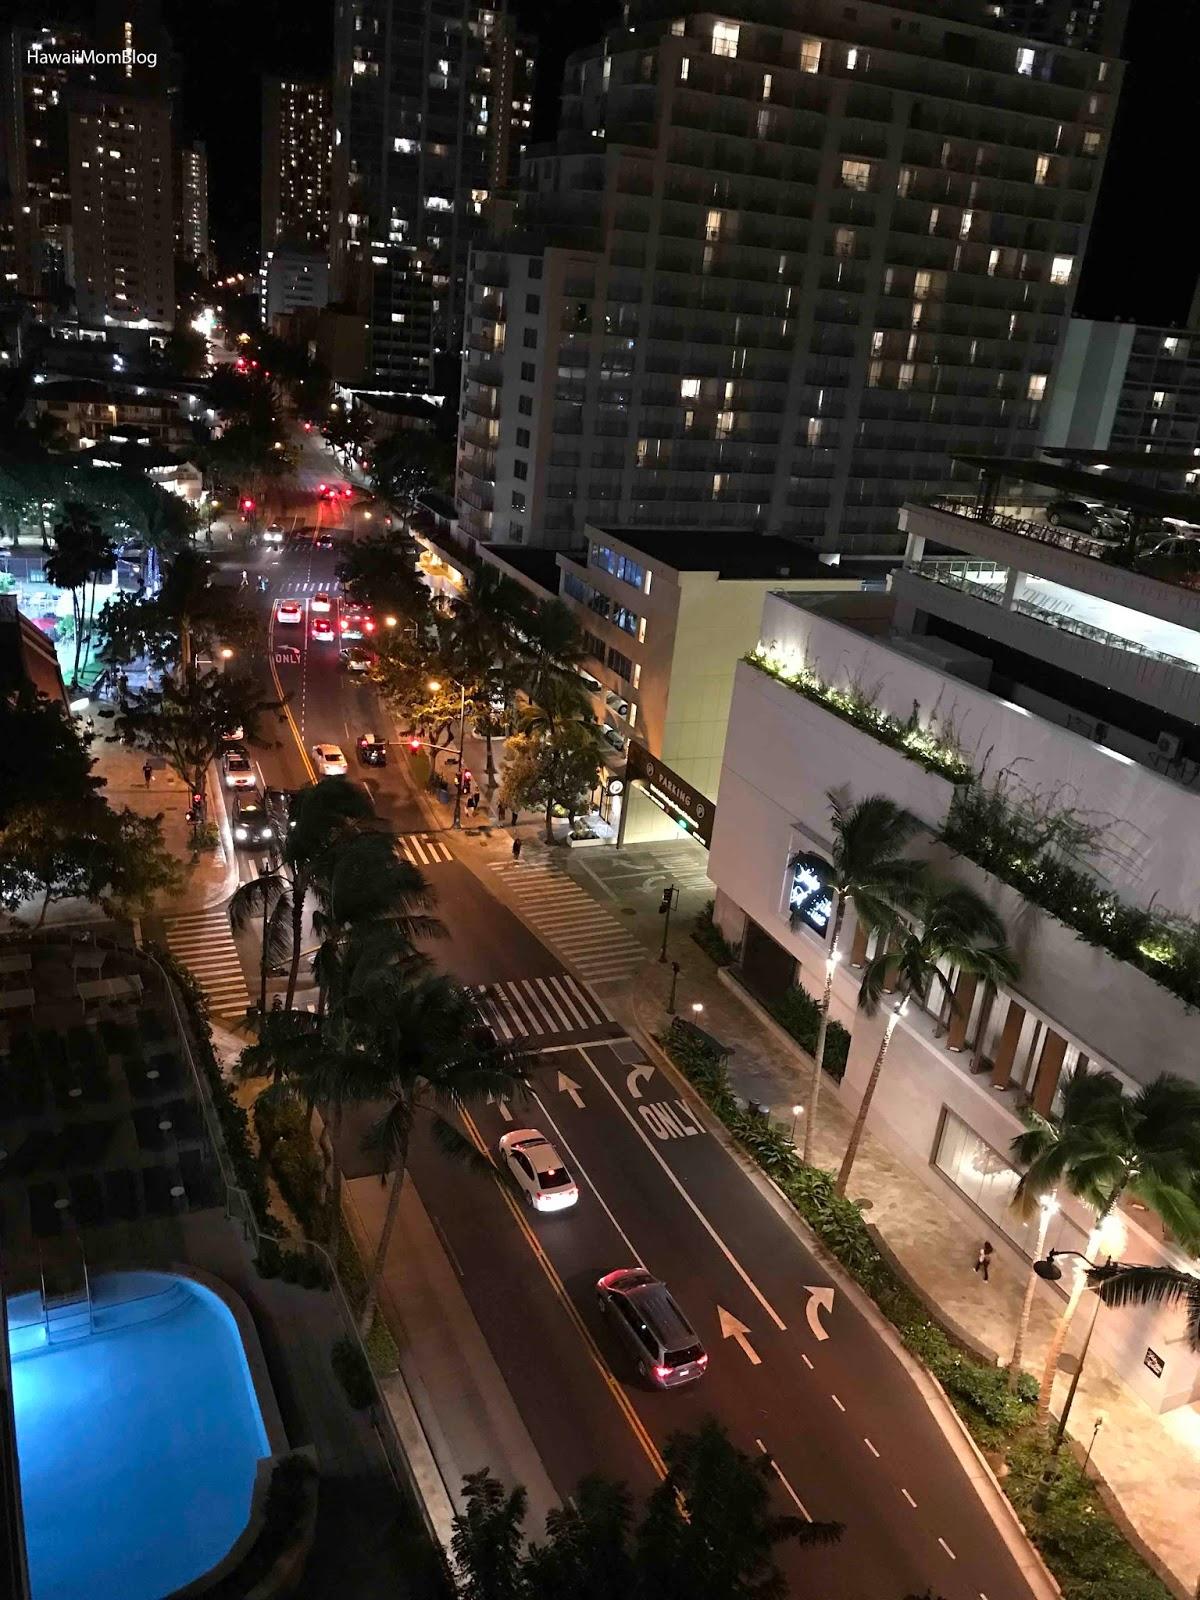 Hawaii Mom Blog: Hilton Garden Inn Waikiki Beach Review